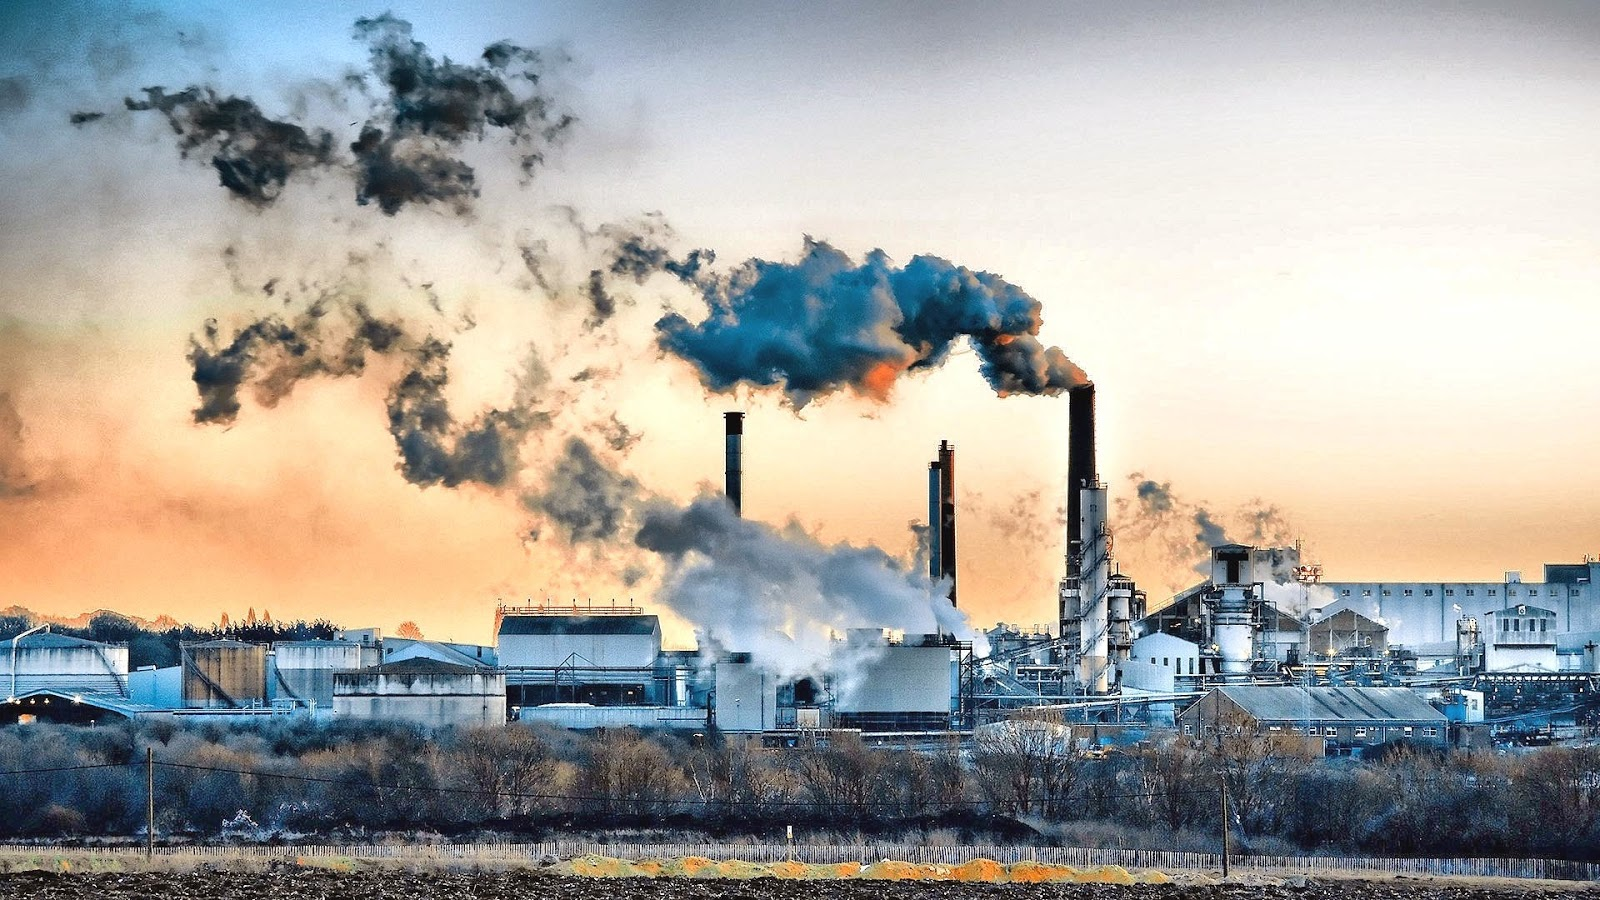 صورة بحث عن تلوث البيئة , تلوث البيئة واضراره